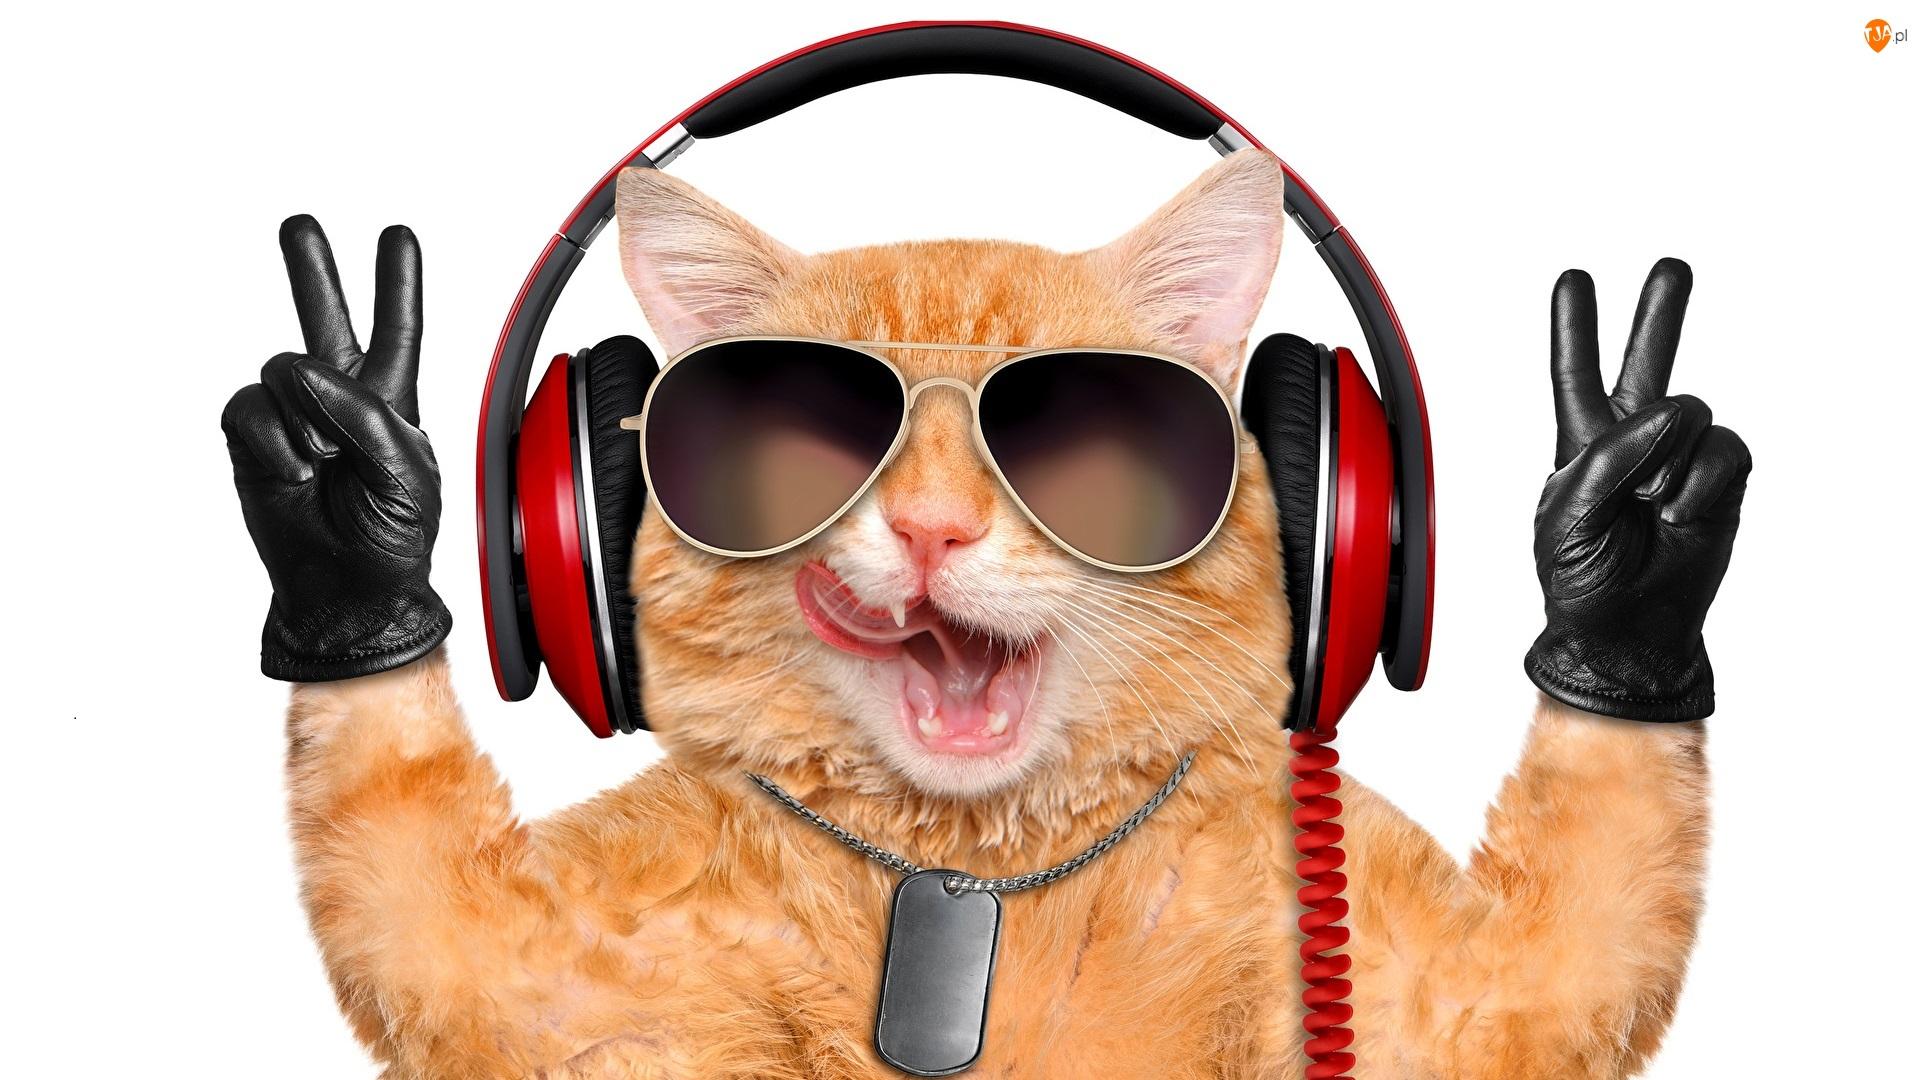 Kot, Rękawice, Słuchawki, Okulary